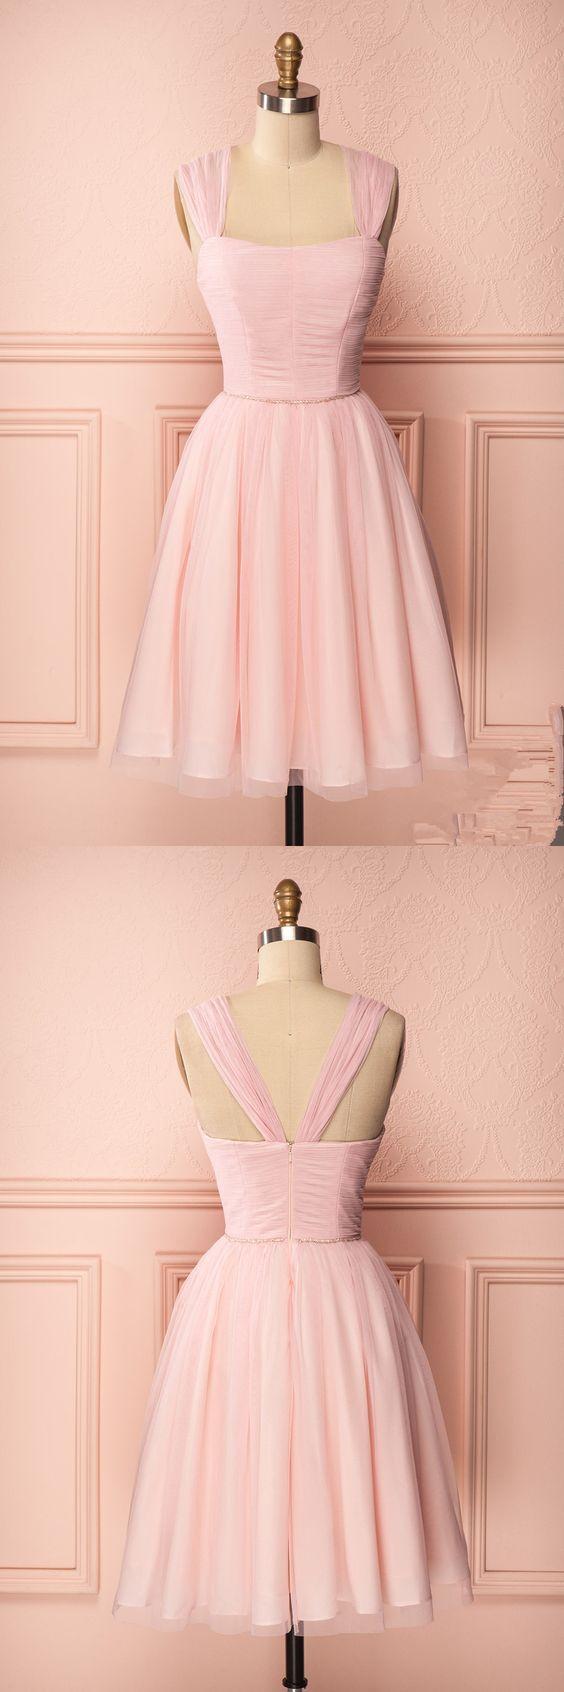 Blush pink homecoming dressesshort prom dressescheap homecoming